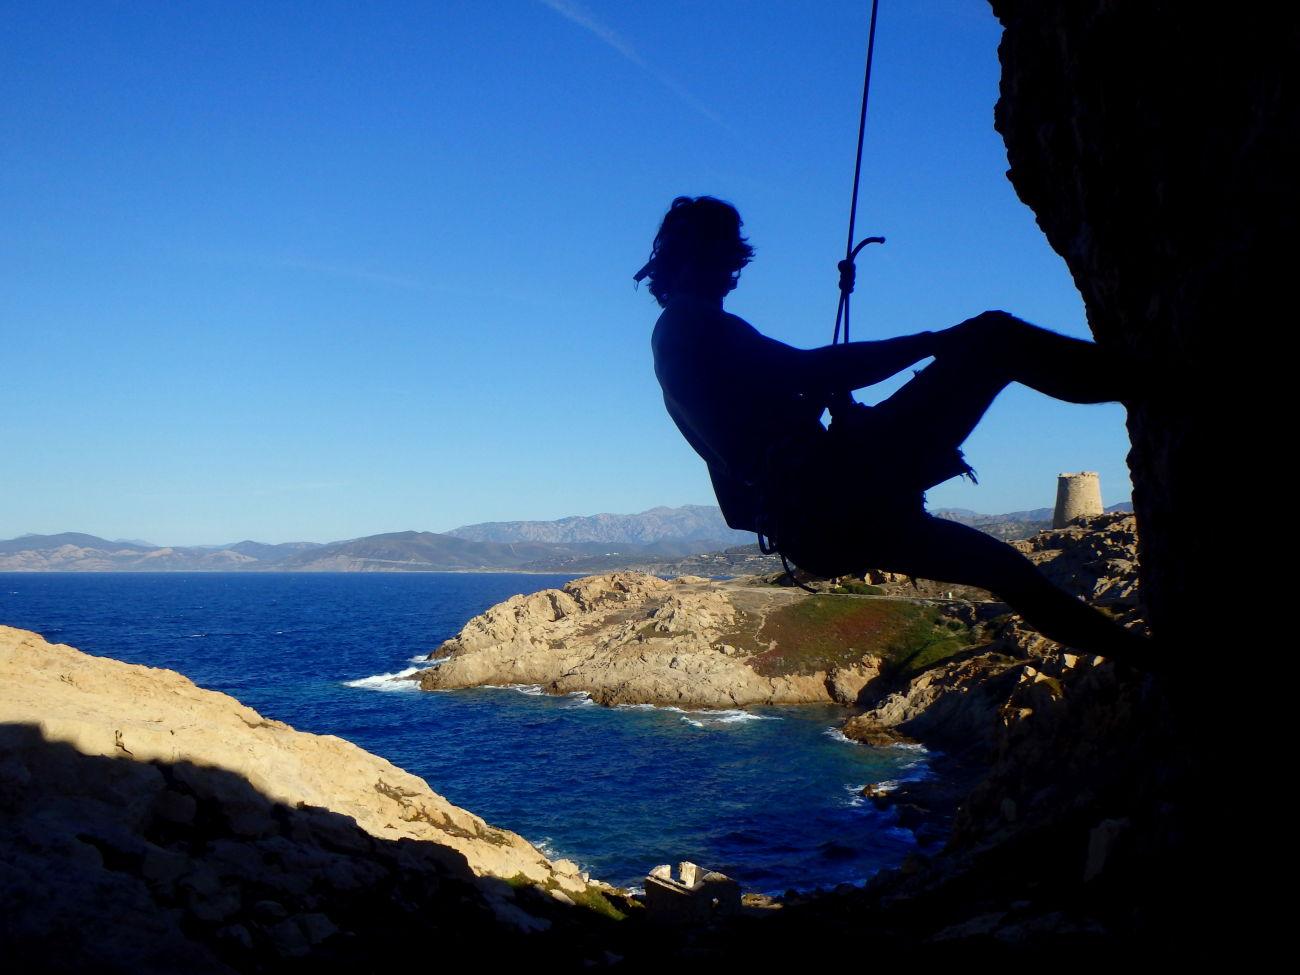 Kletterausrüstung Verleih Dresden : Korsika u2013 ein paradies zum klettern